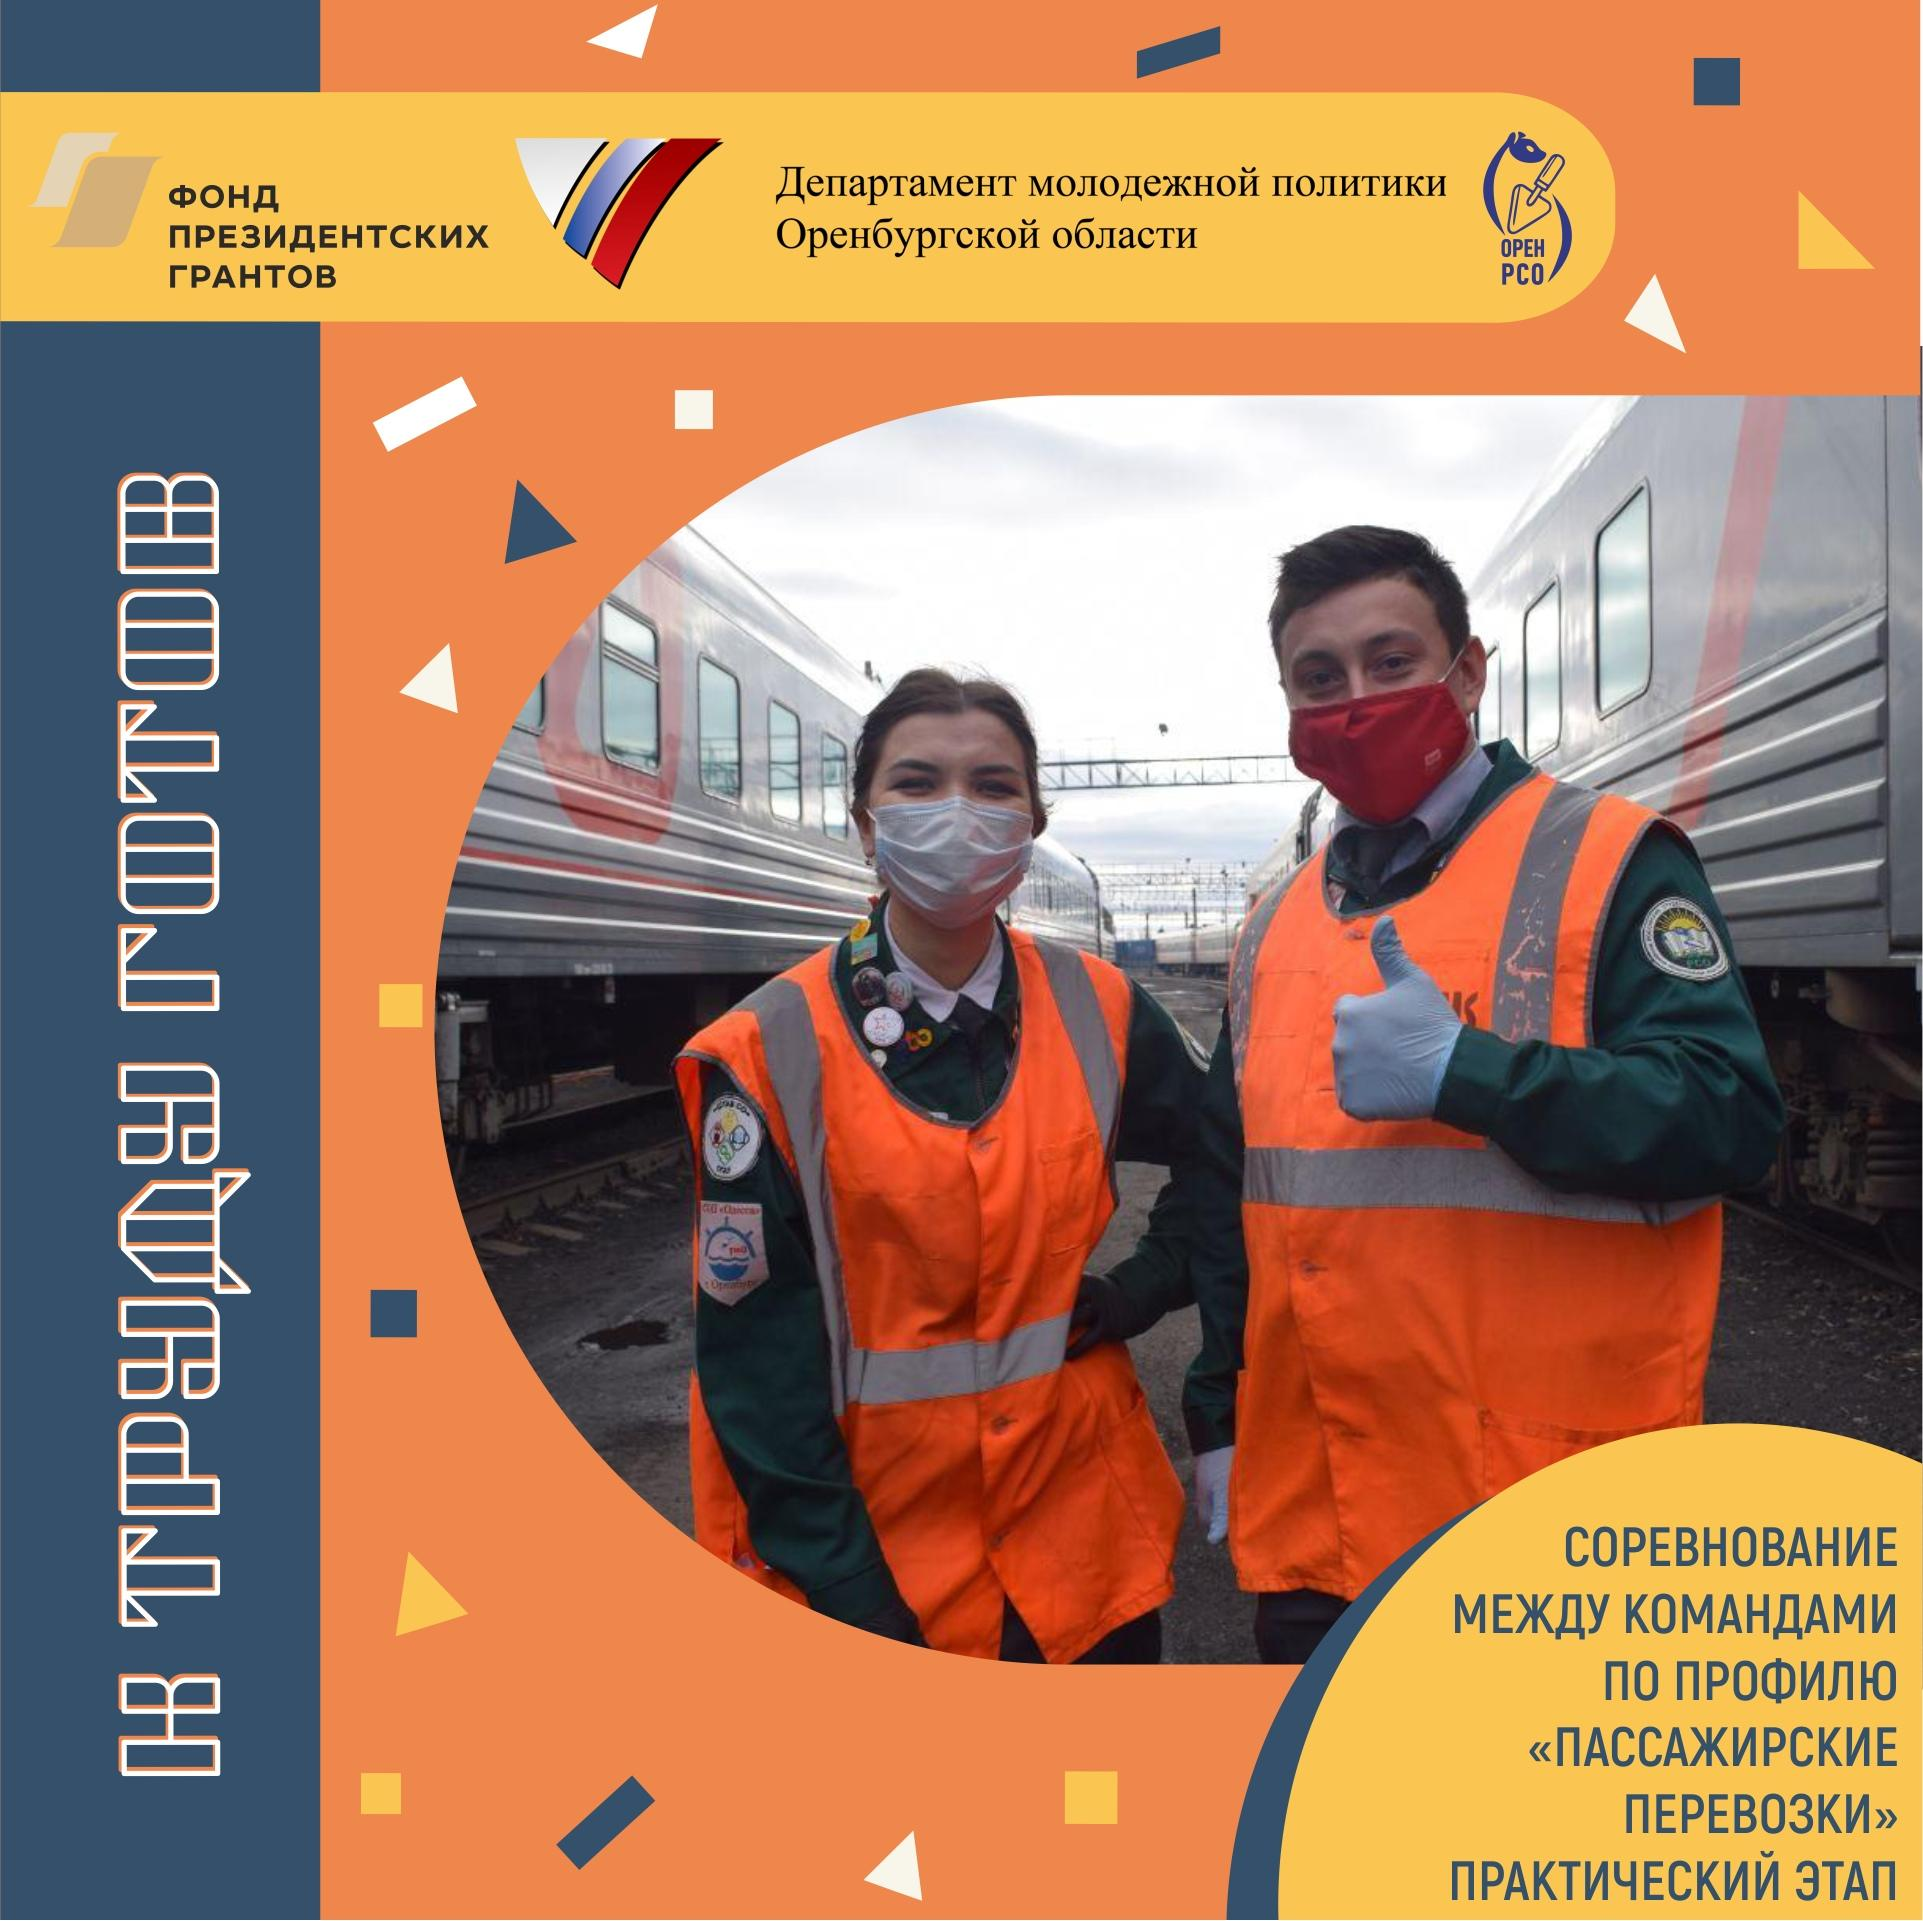 """Сегодня состоялся практический этап конкурса """"К труду готов"""" в резерве проводников города Оренбурга."""